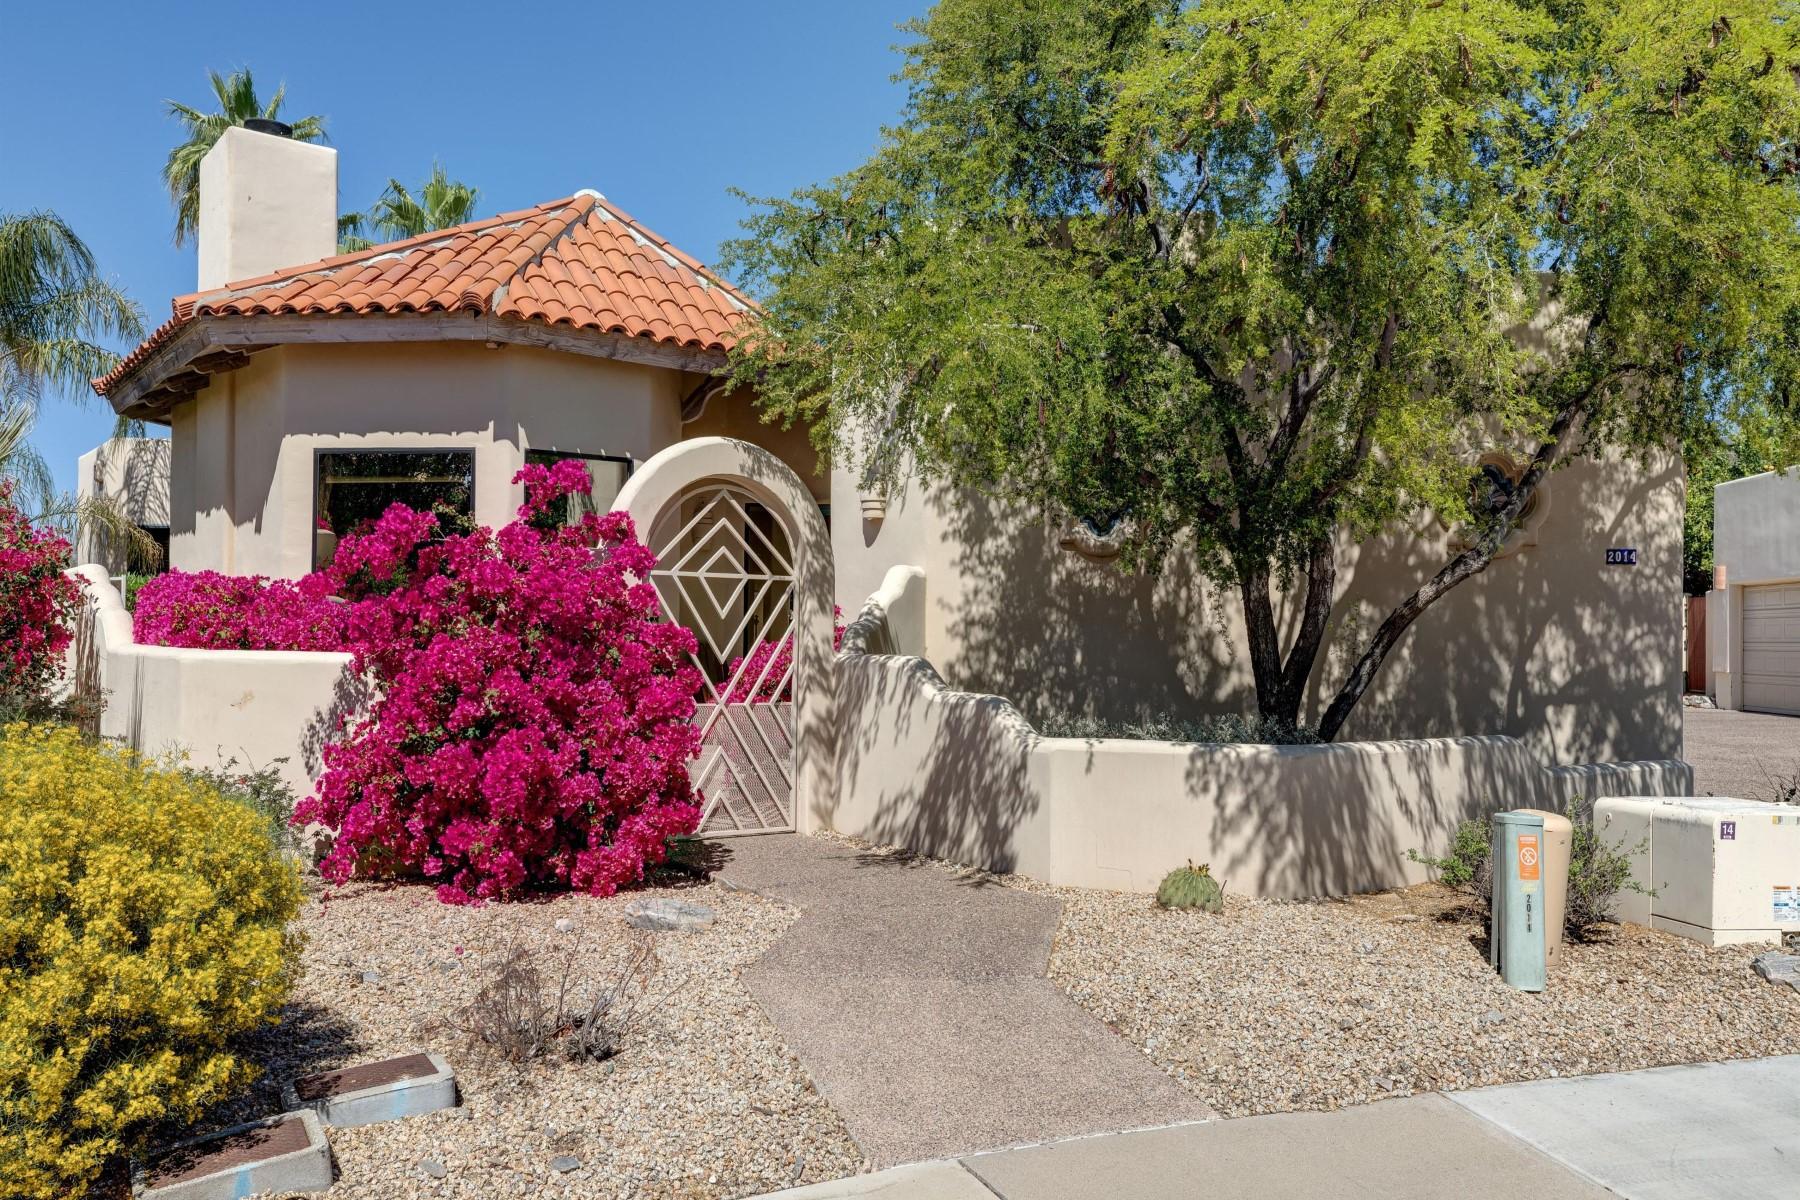 Casa para uma família para Venda às Beautifully designed home located in gated Villas Encantadas 2014 E Northview Ave Phoenix, Arizona, 85020 Estados Unidos